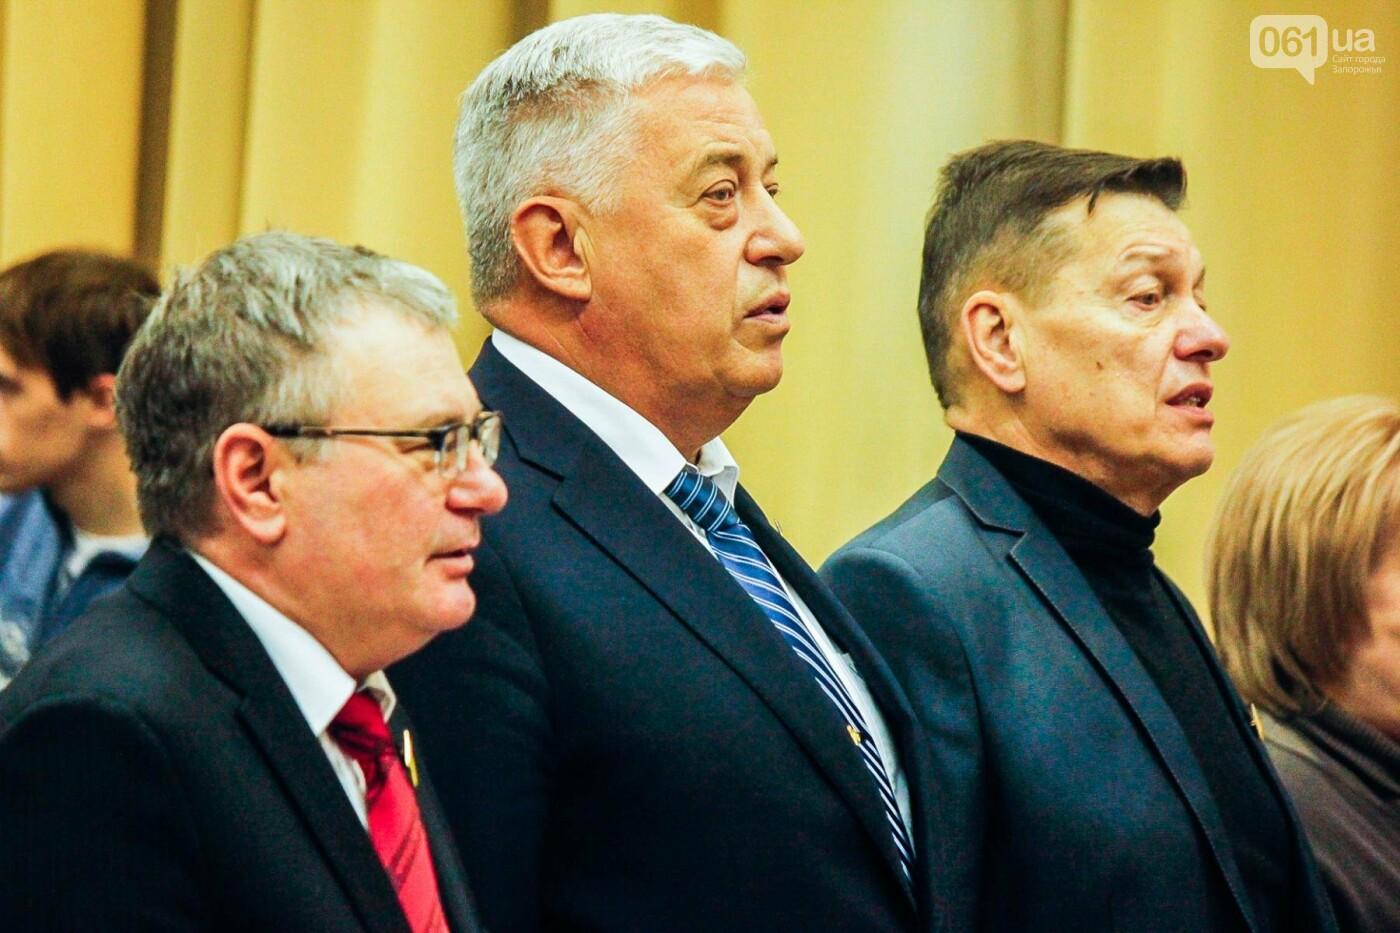 Сессия запорожского горсовета в лицах, - ФОТОРЕПОРТАЖ, фото-56